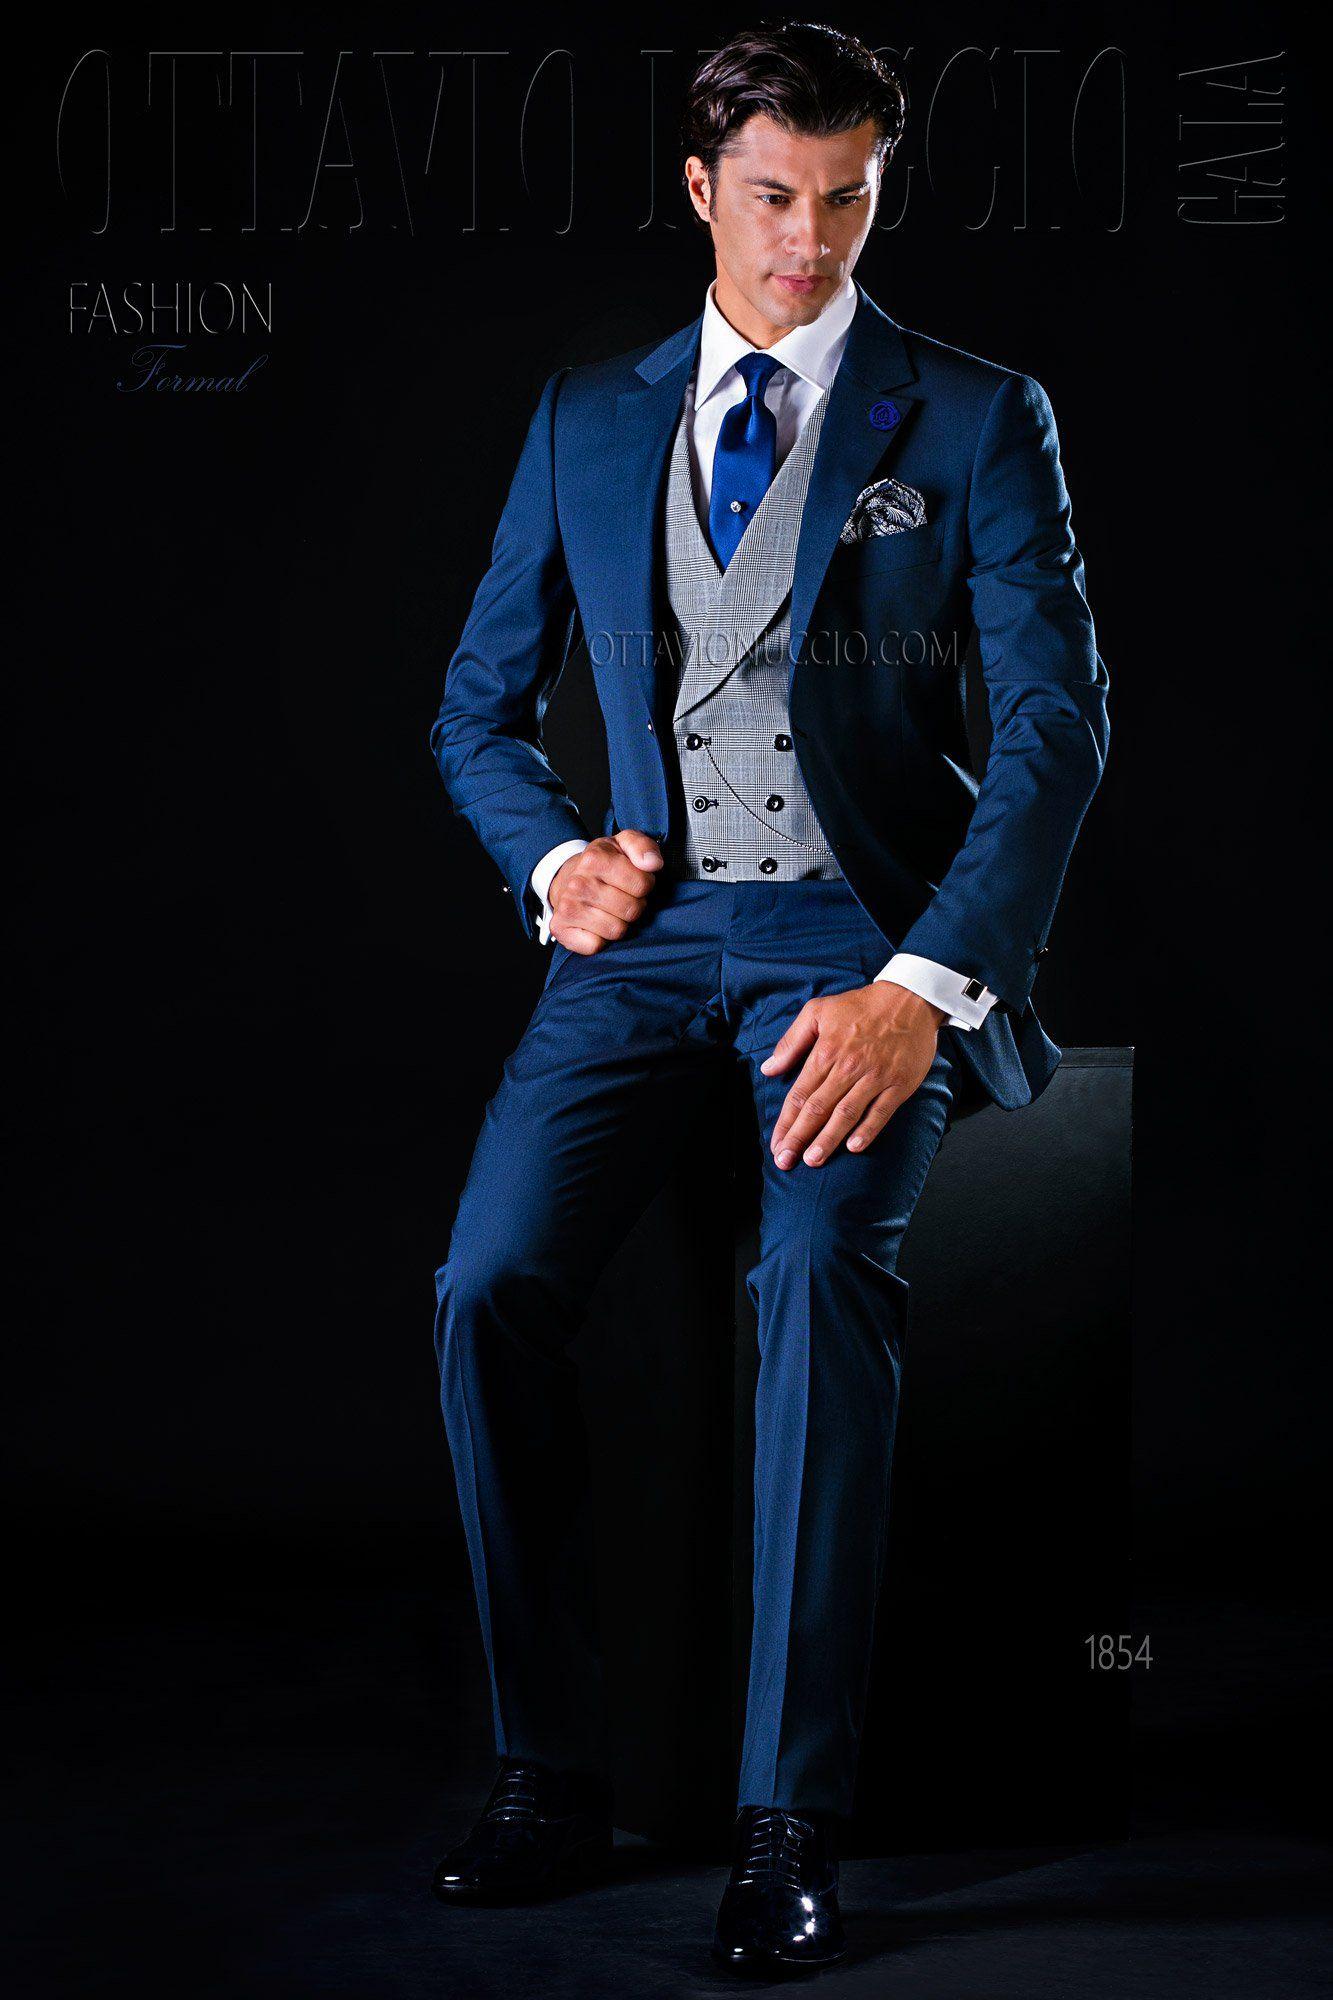 fd76c8f64f29 Navy blue notch lapel wedding suit #groom #luxury #tuxedo #menswear  #formalwear #dapper #madeinitaly